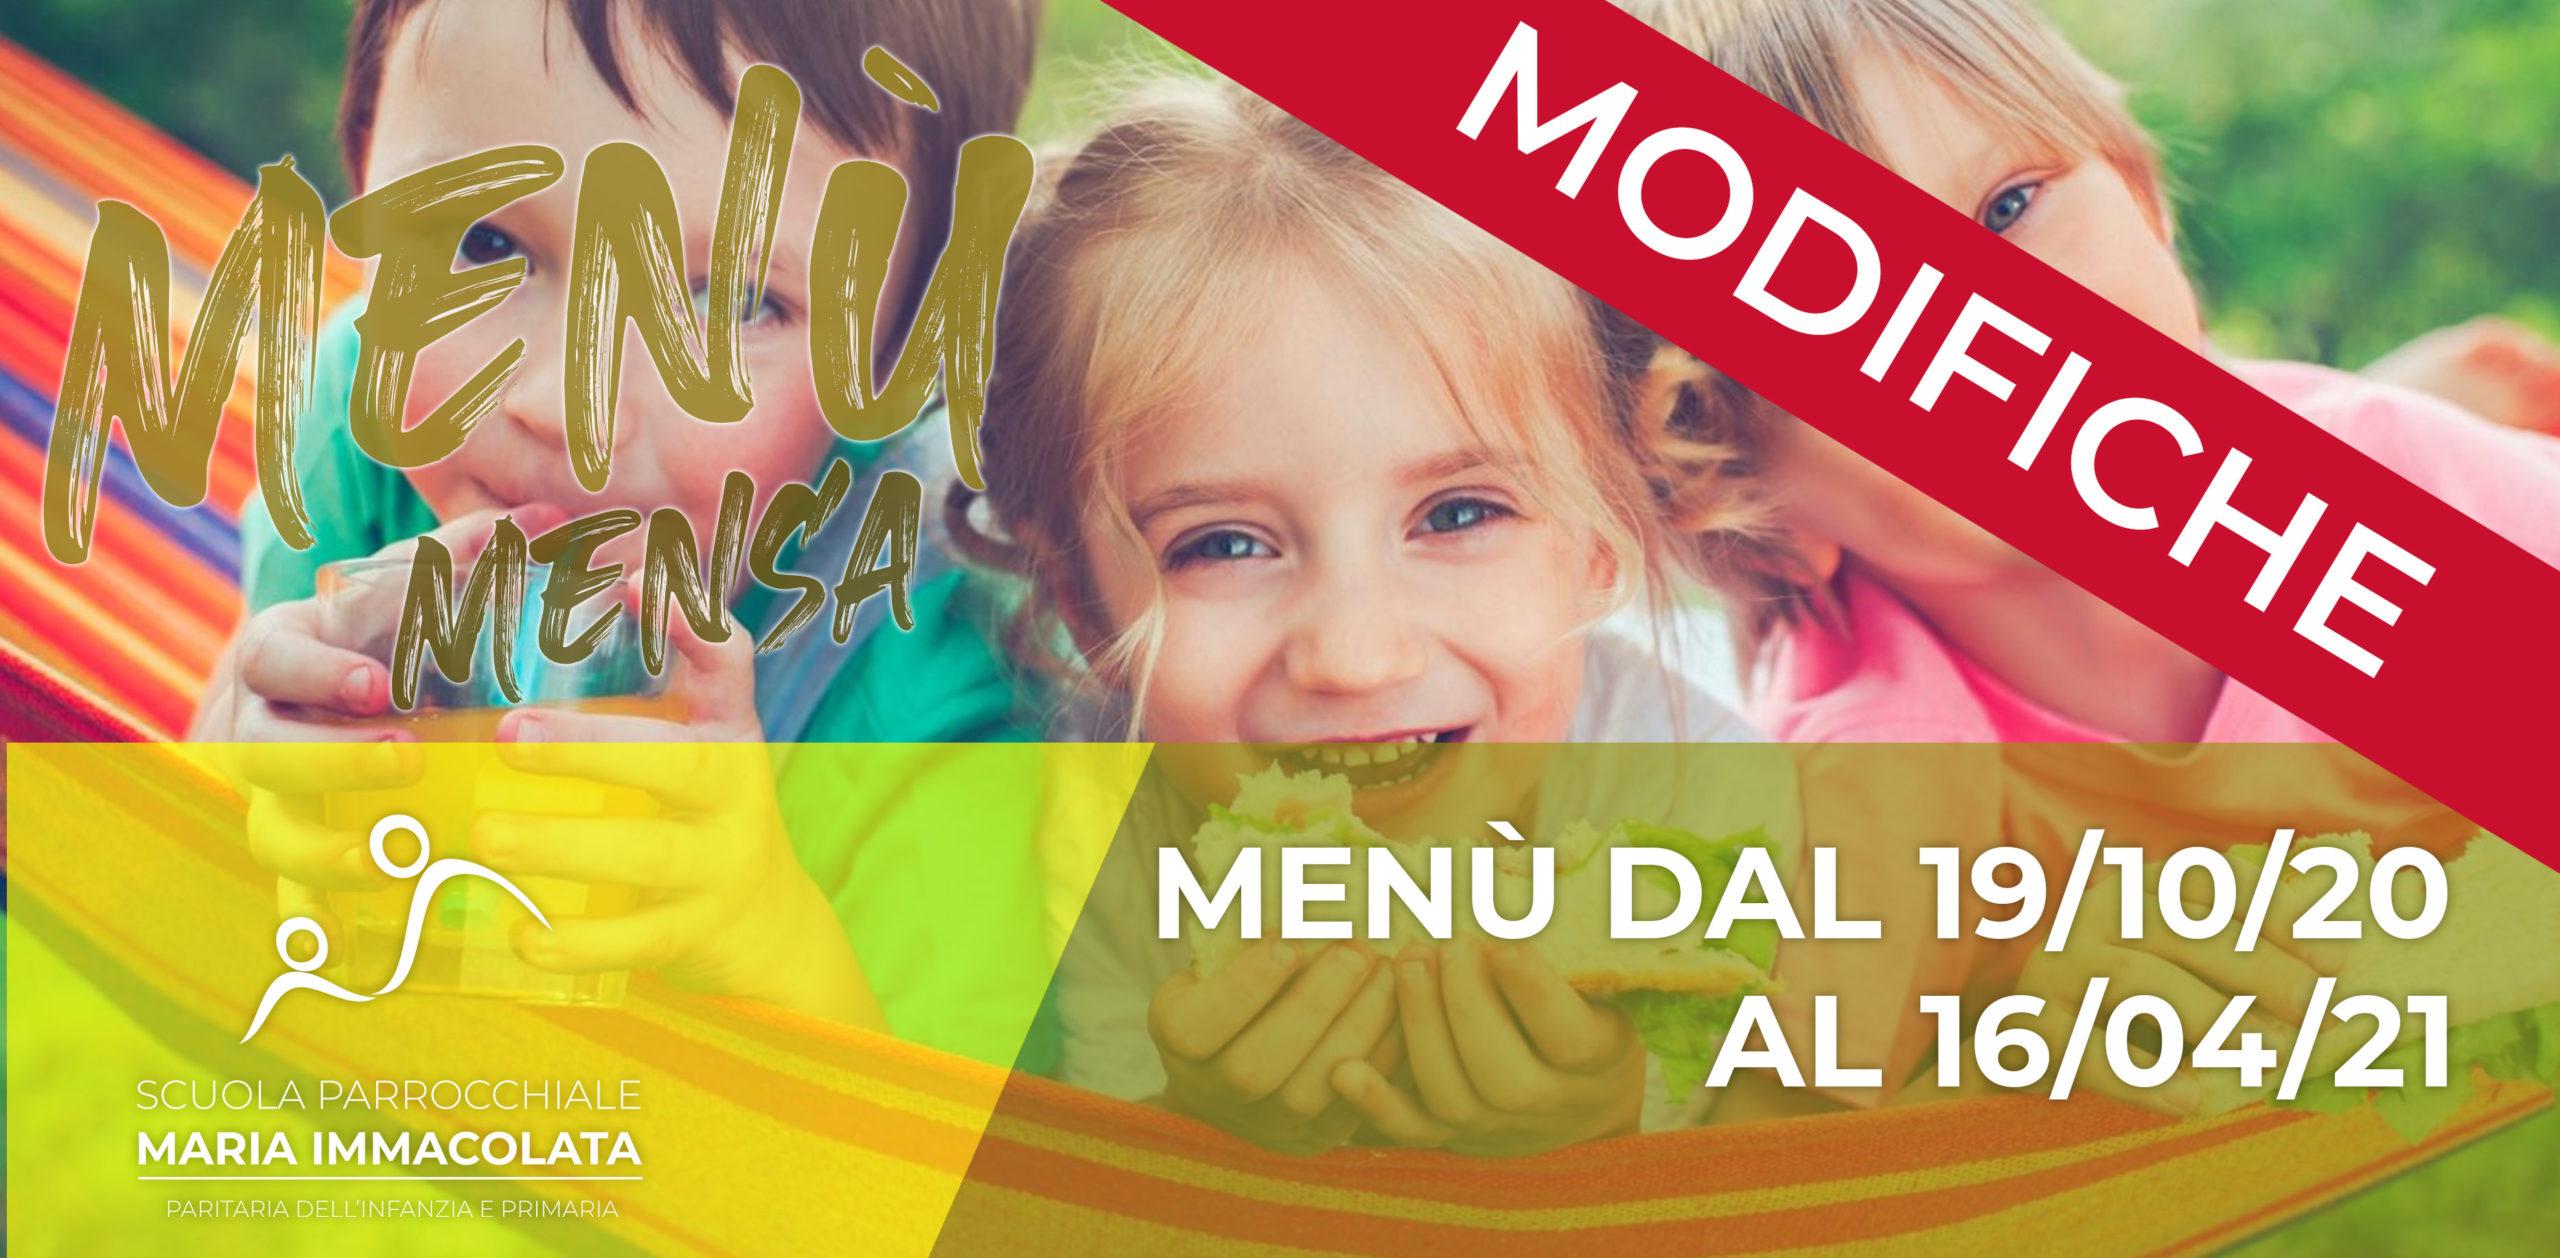 Modifiche al menù per la Scuola Primaria per il 24 e 26 novembre 2020